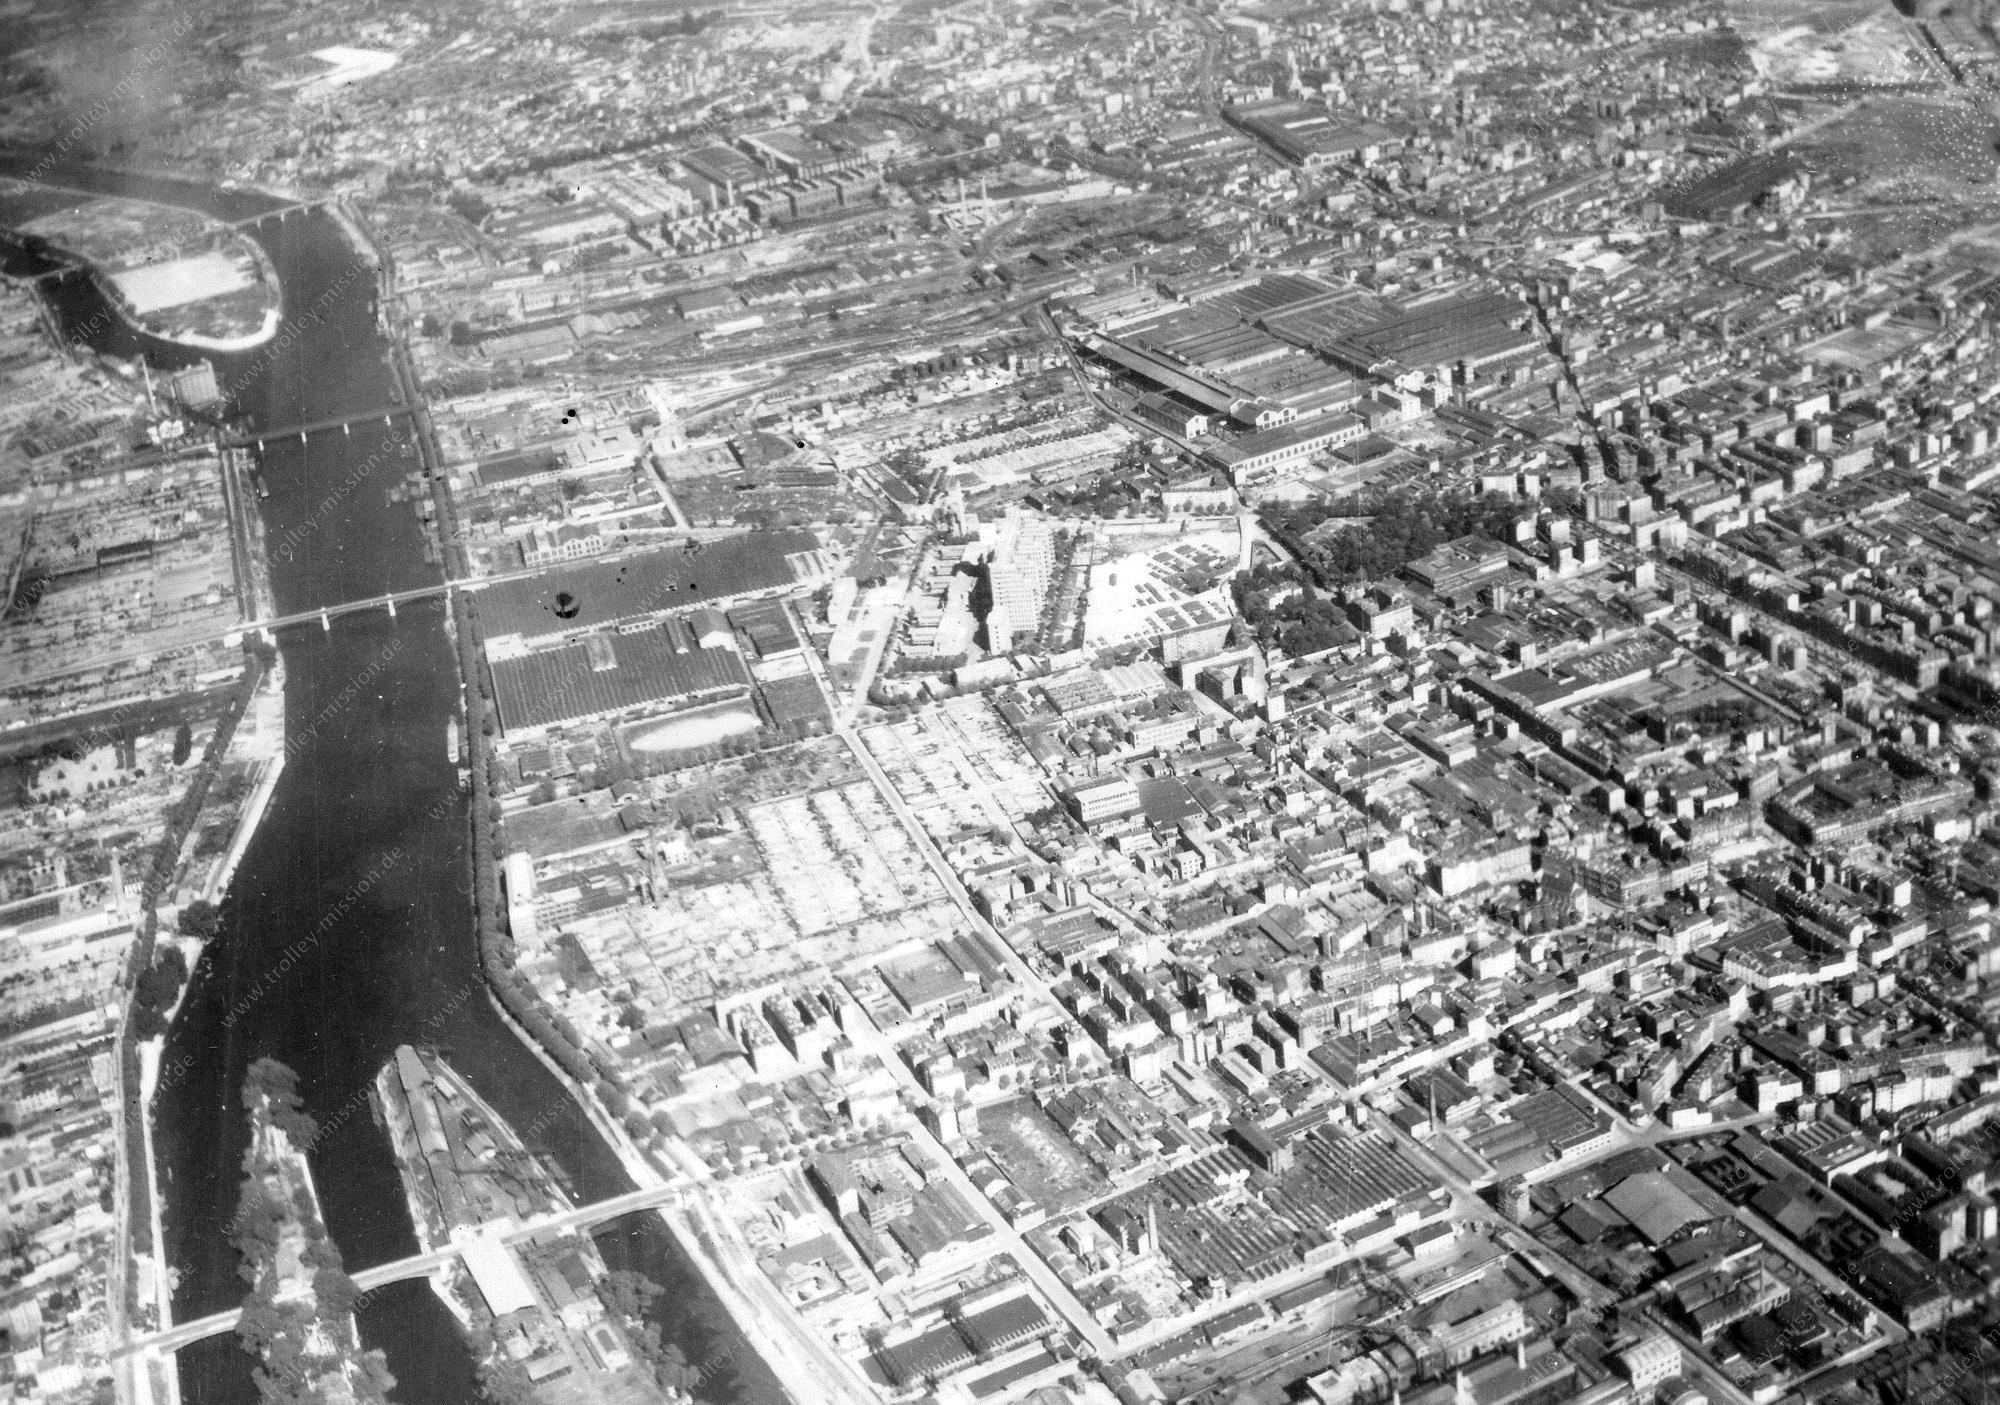 """Luftbild von Clichy mit den alten Flußinseln """"Île Robinson"""" sowie """"Île des Ravageurs"""" (""""Île de la Recette"""") und dem Automobilwerk von Citroën (Frankreich)"""